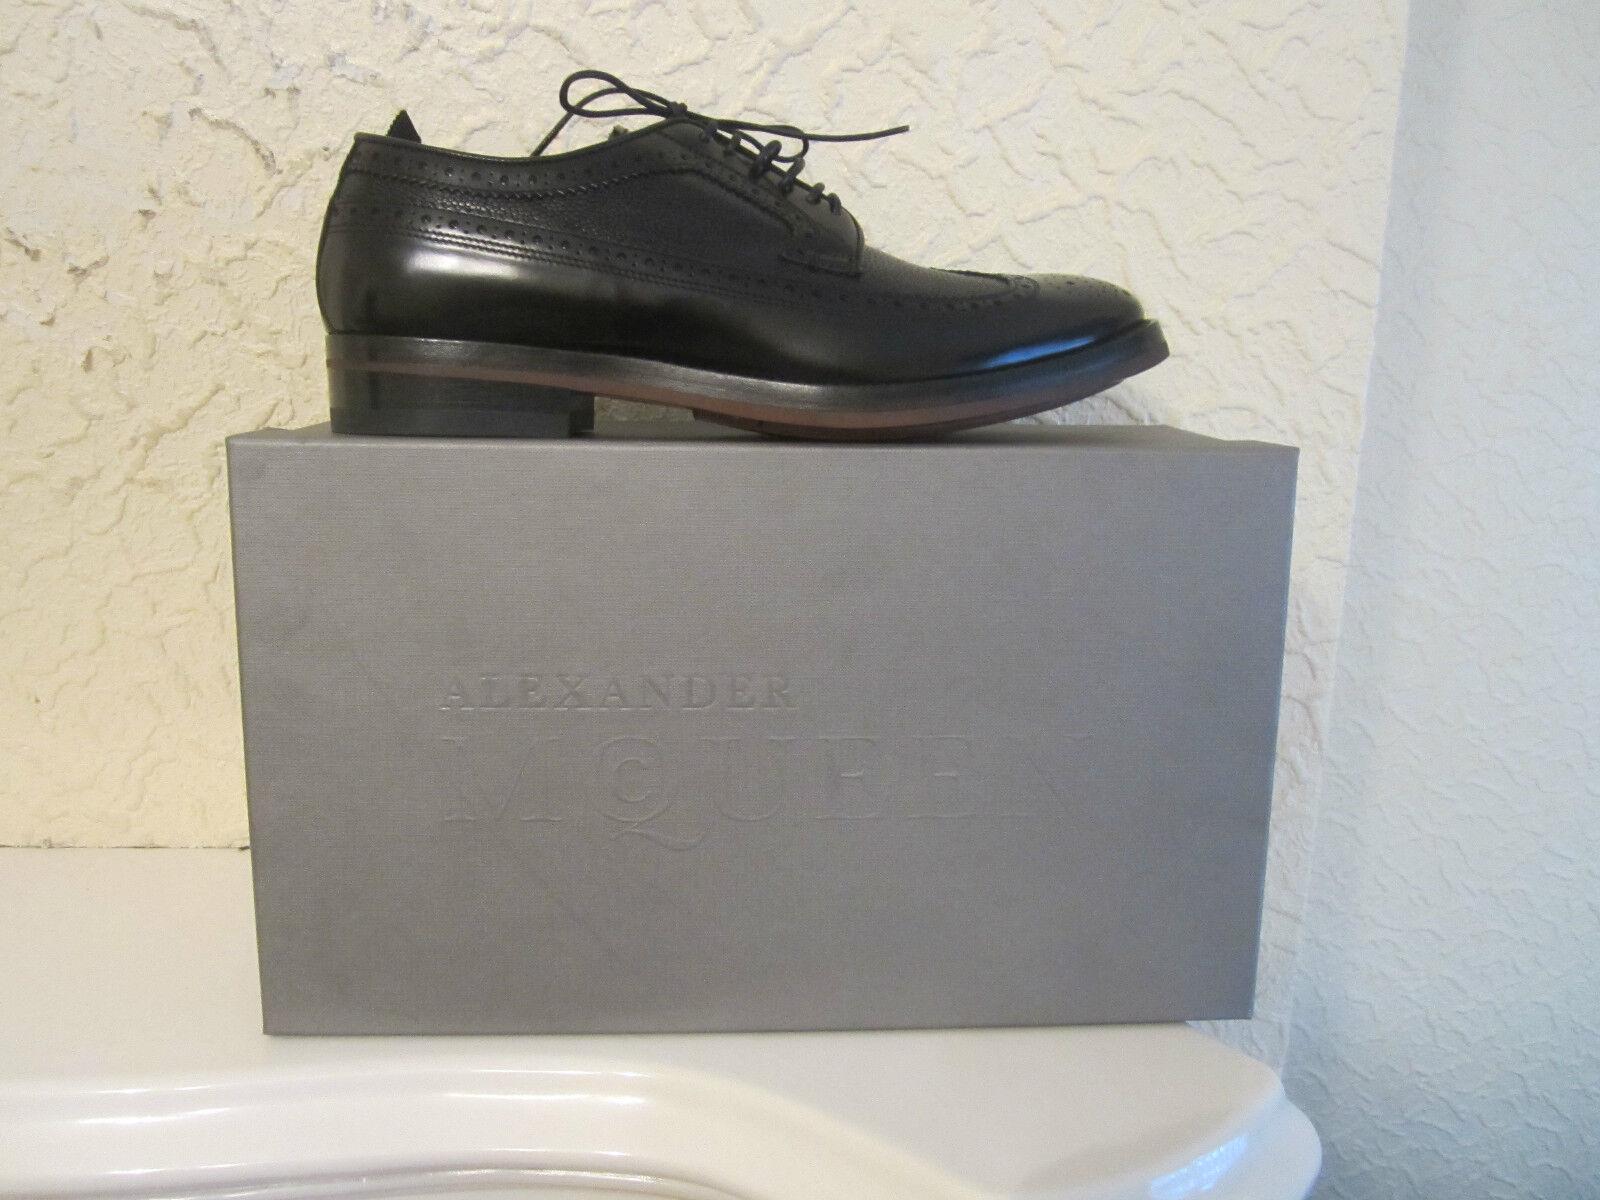 Alexander McQueen Noir en cuir Chaussures hommes